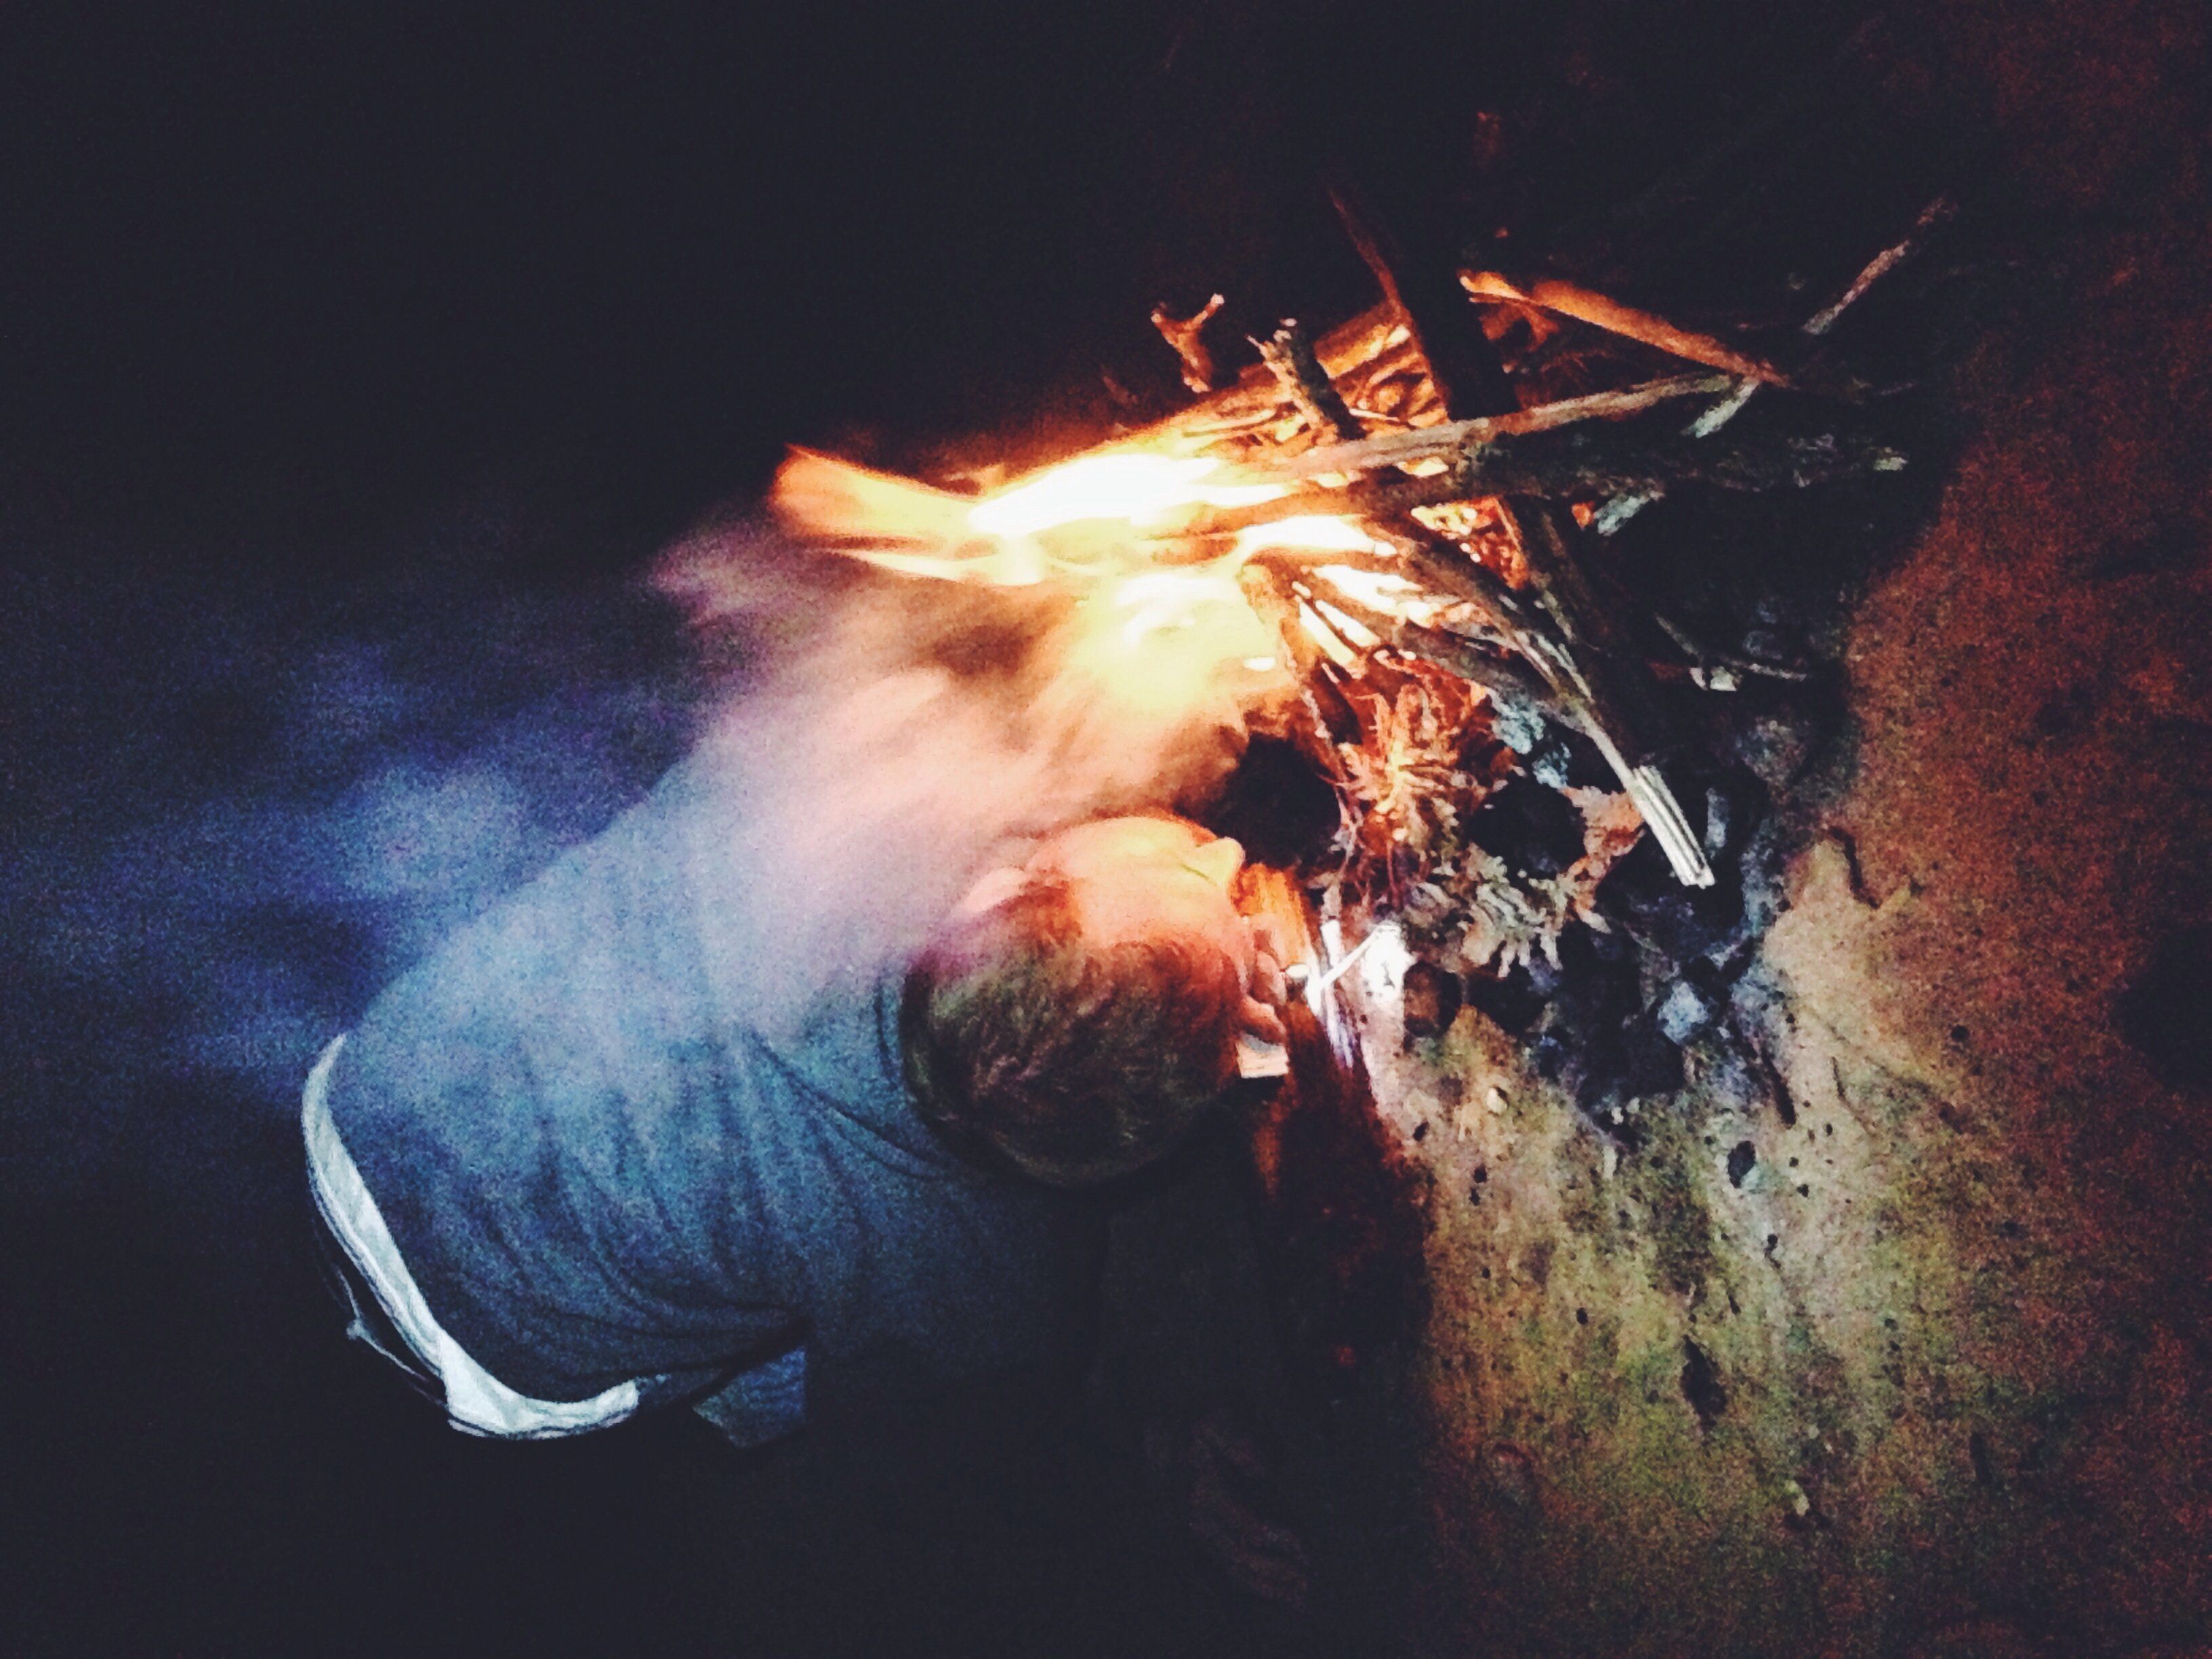 William preparing the fire.